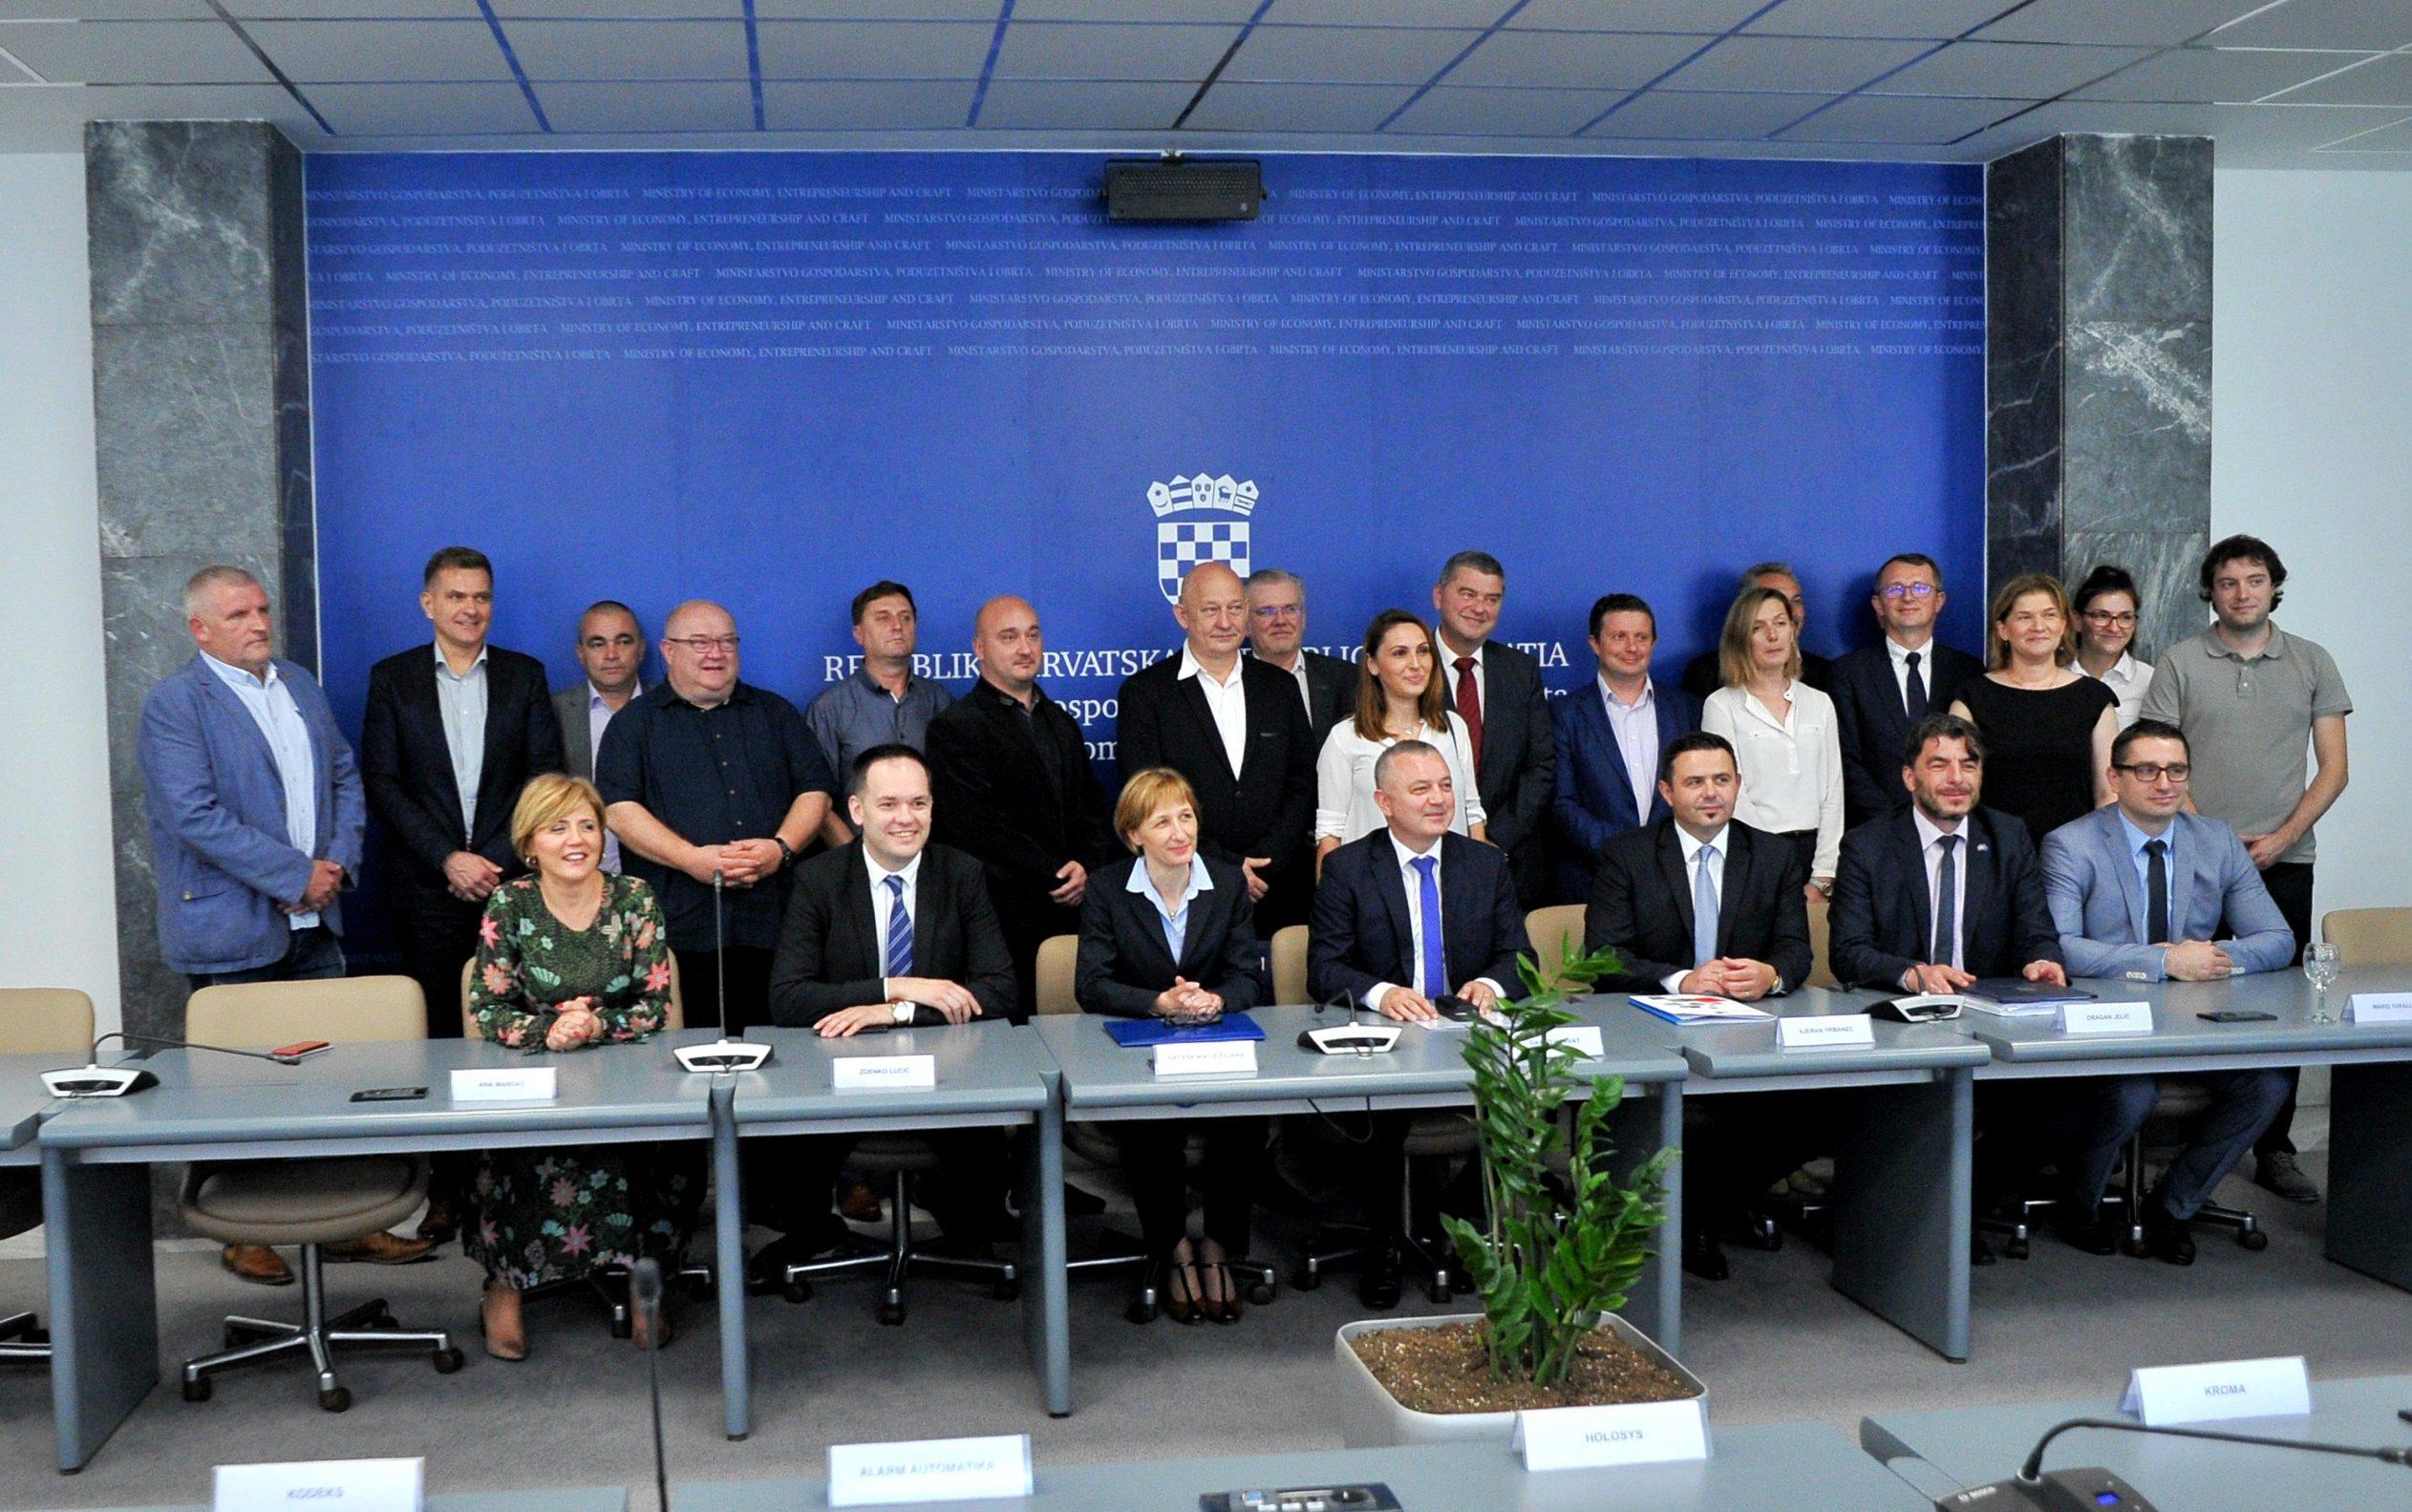 Ministar gospodarstva, poduzetništva i obrta Darko Horvat dodijelio je ugovore o bespovratnim EU sredstvima hrvatskim poduzetnicima